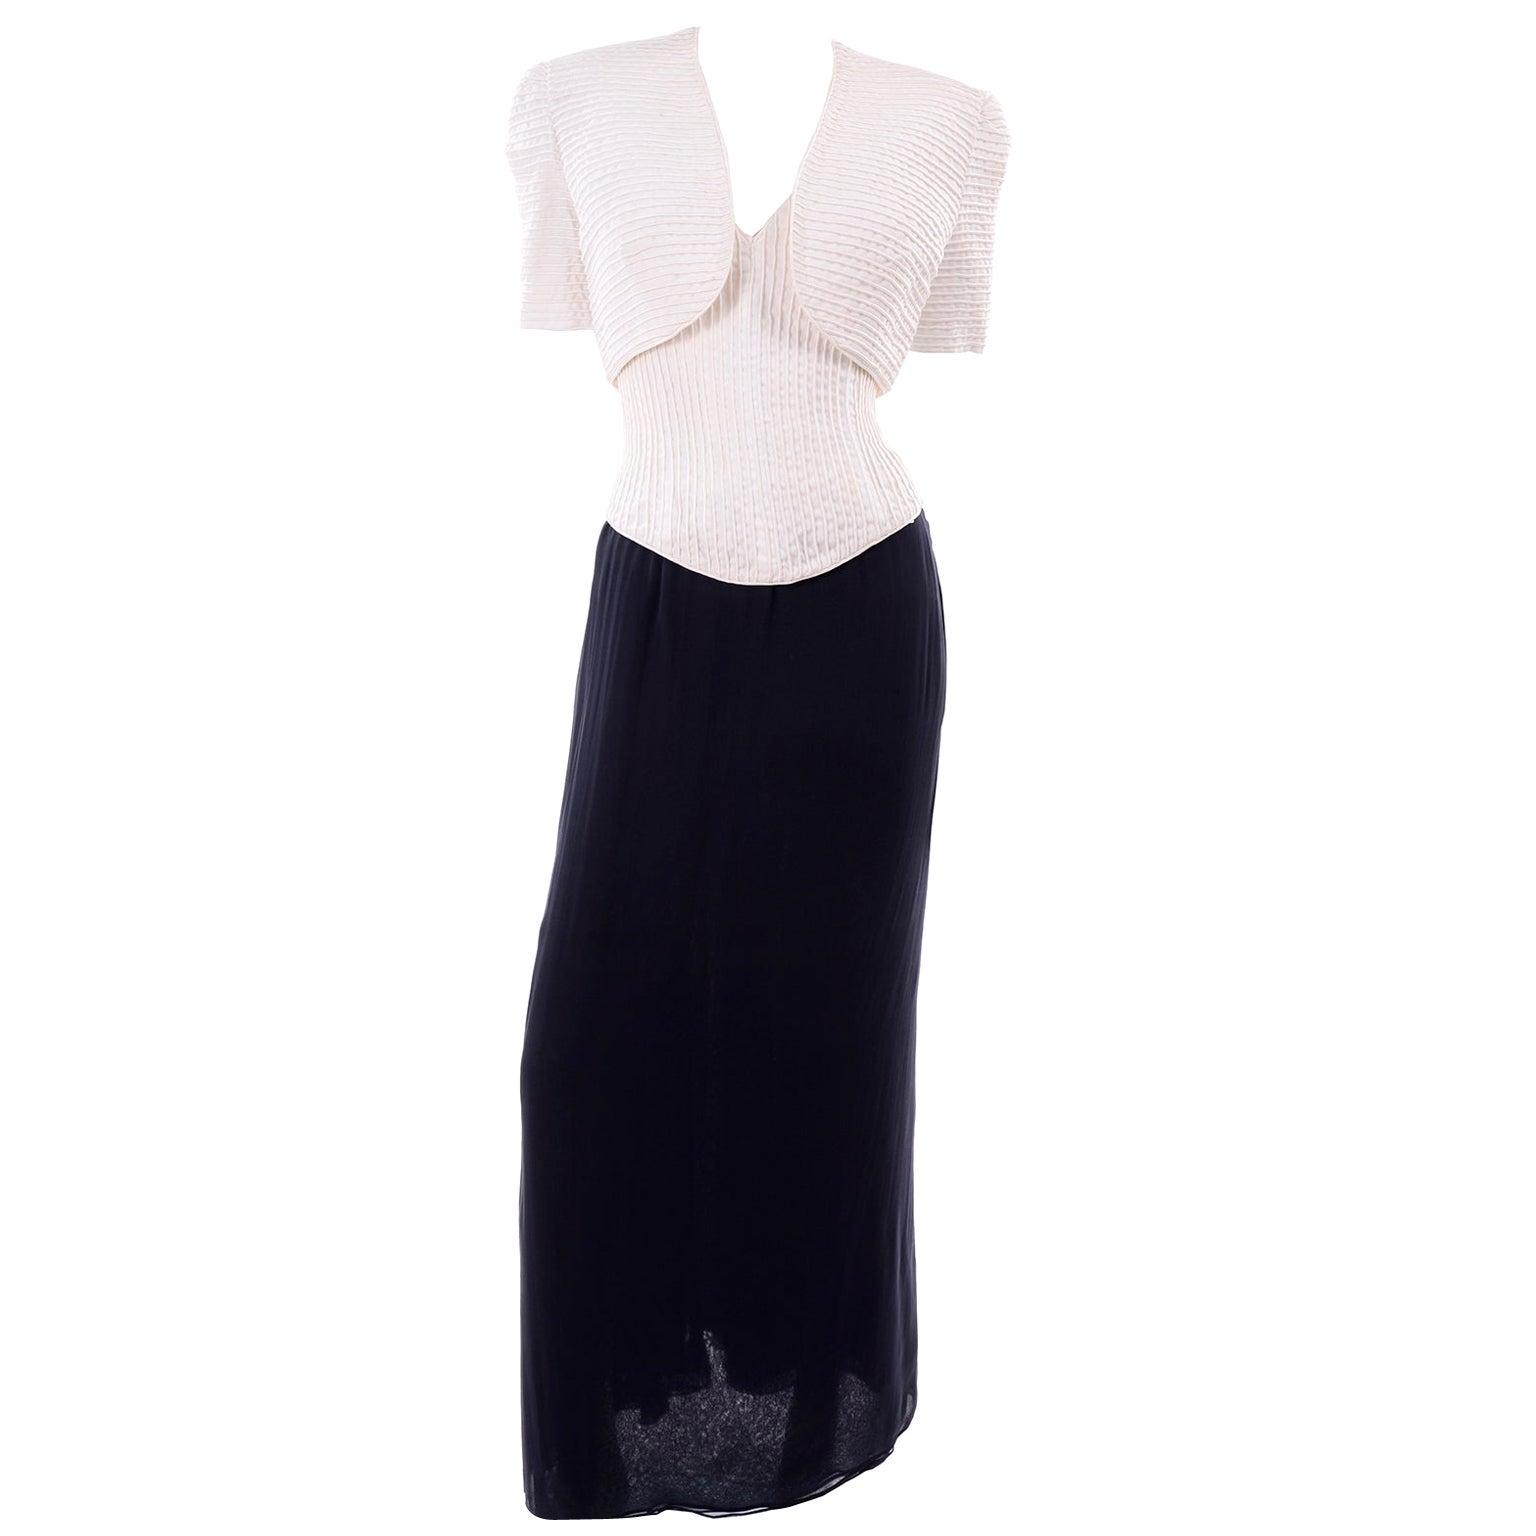 Deadstock Oscar de la Renta 3 pc Evening Dress w White Bolero & Bustier & Skirt